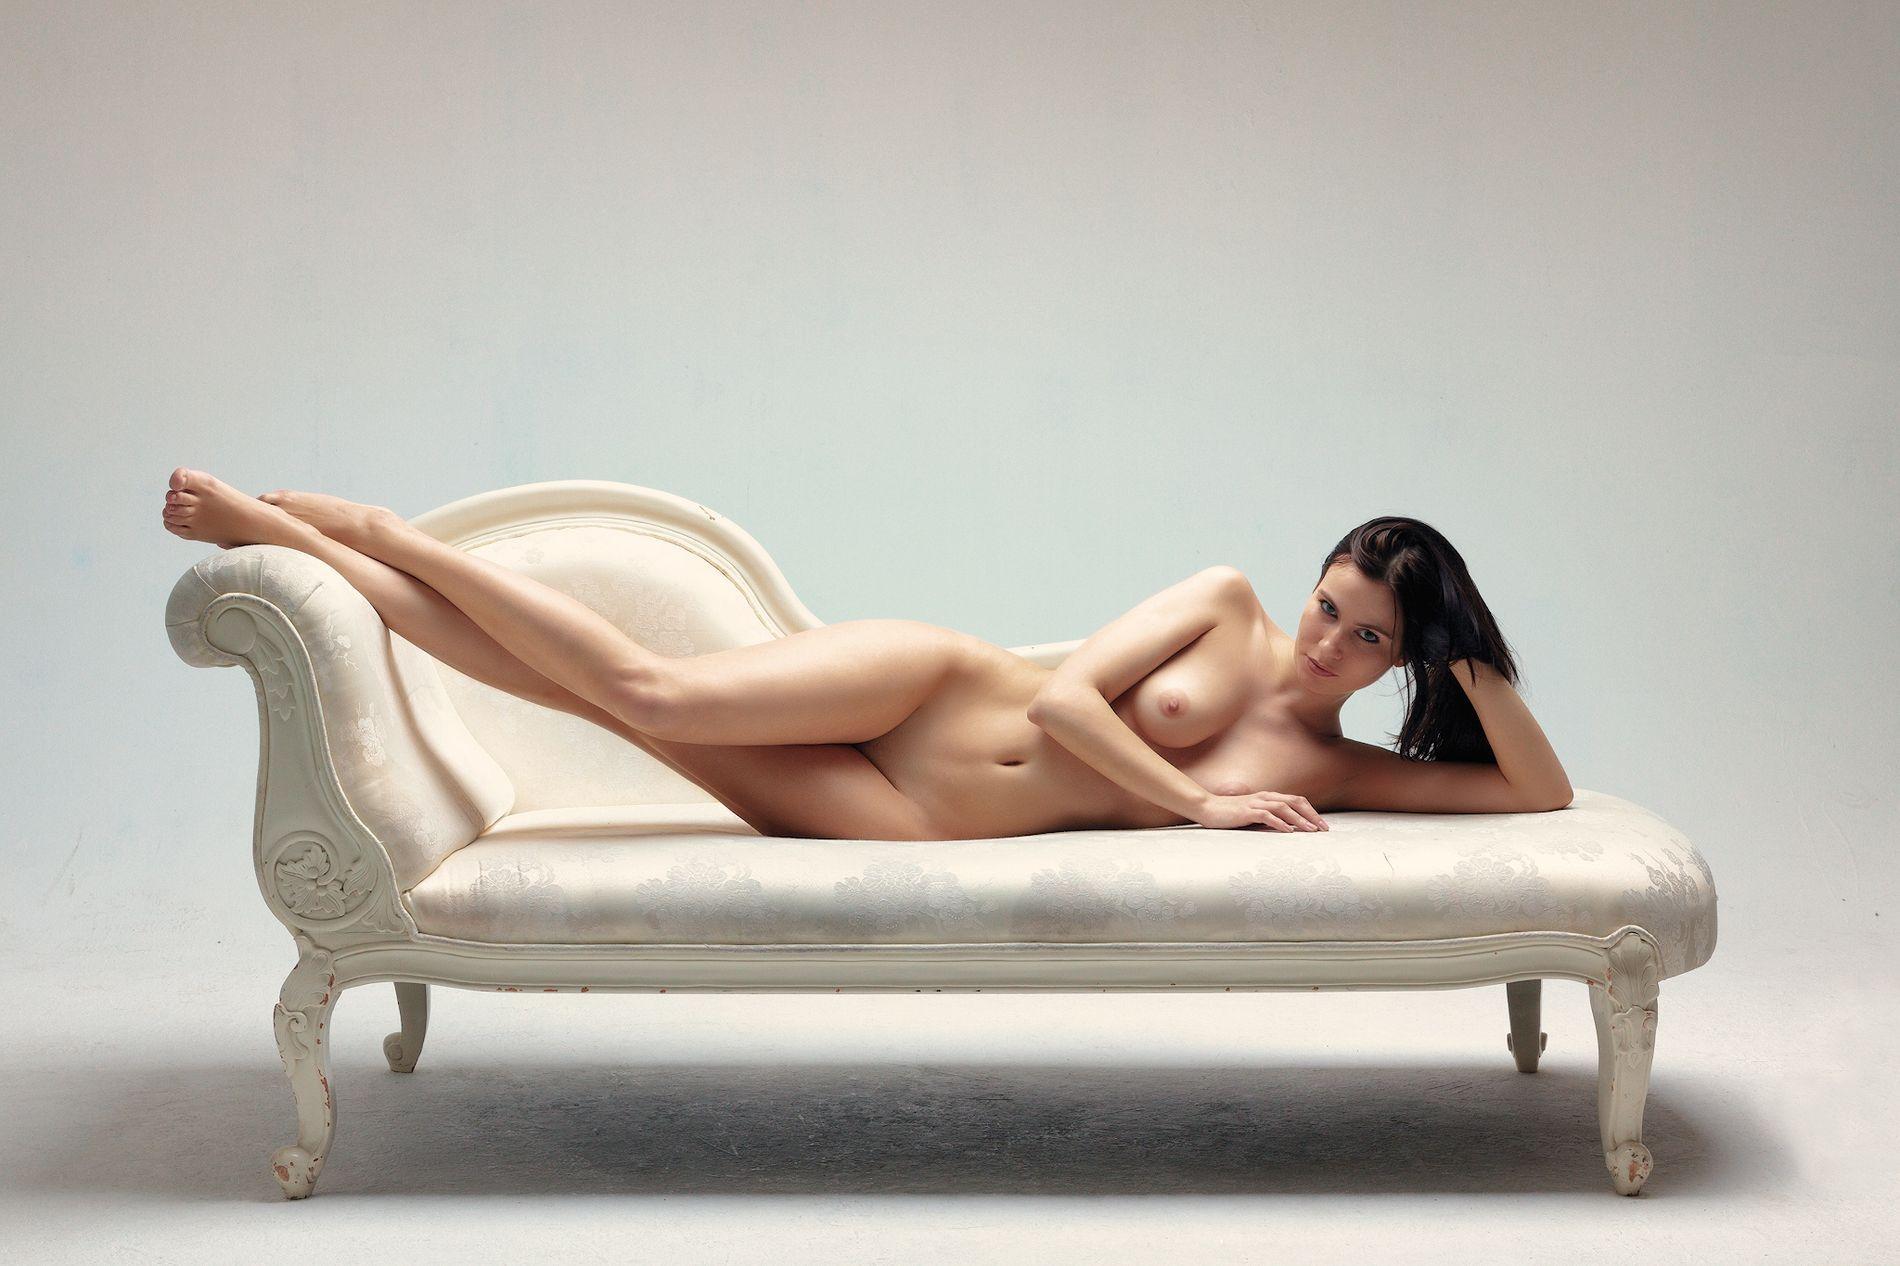 Nudes on furniture 1